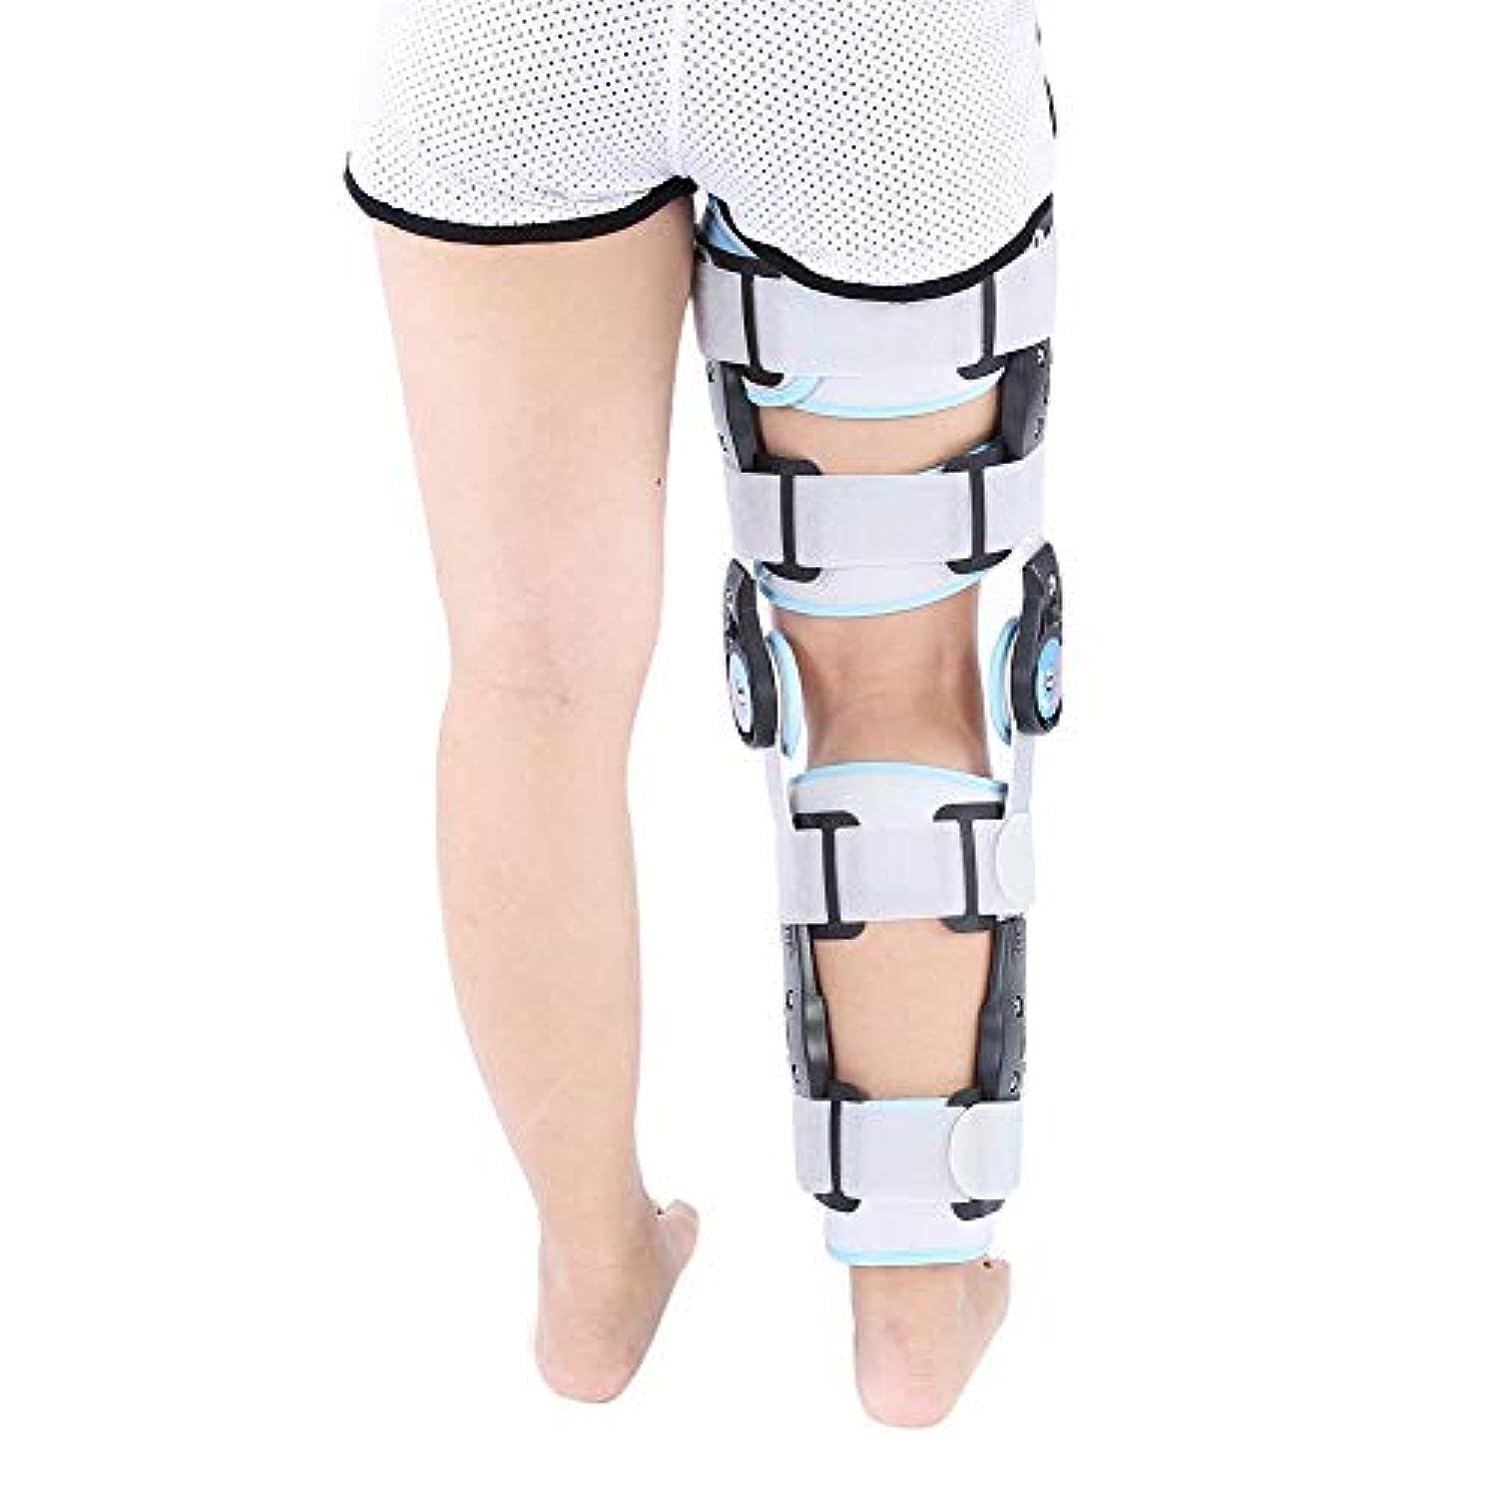 半導体支援する共役膝装具固定、ヒンジ付き調整可能な固定安定化骨折サポート